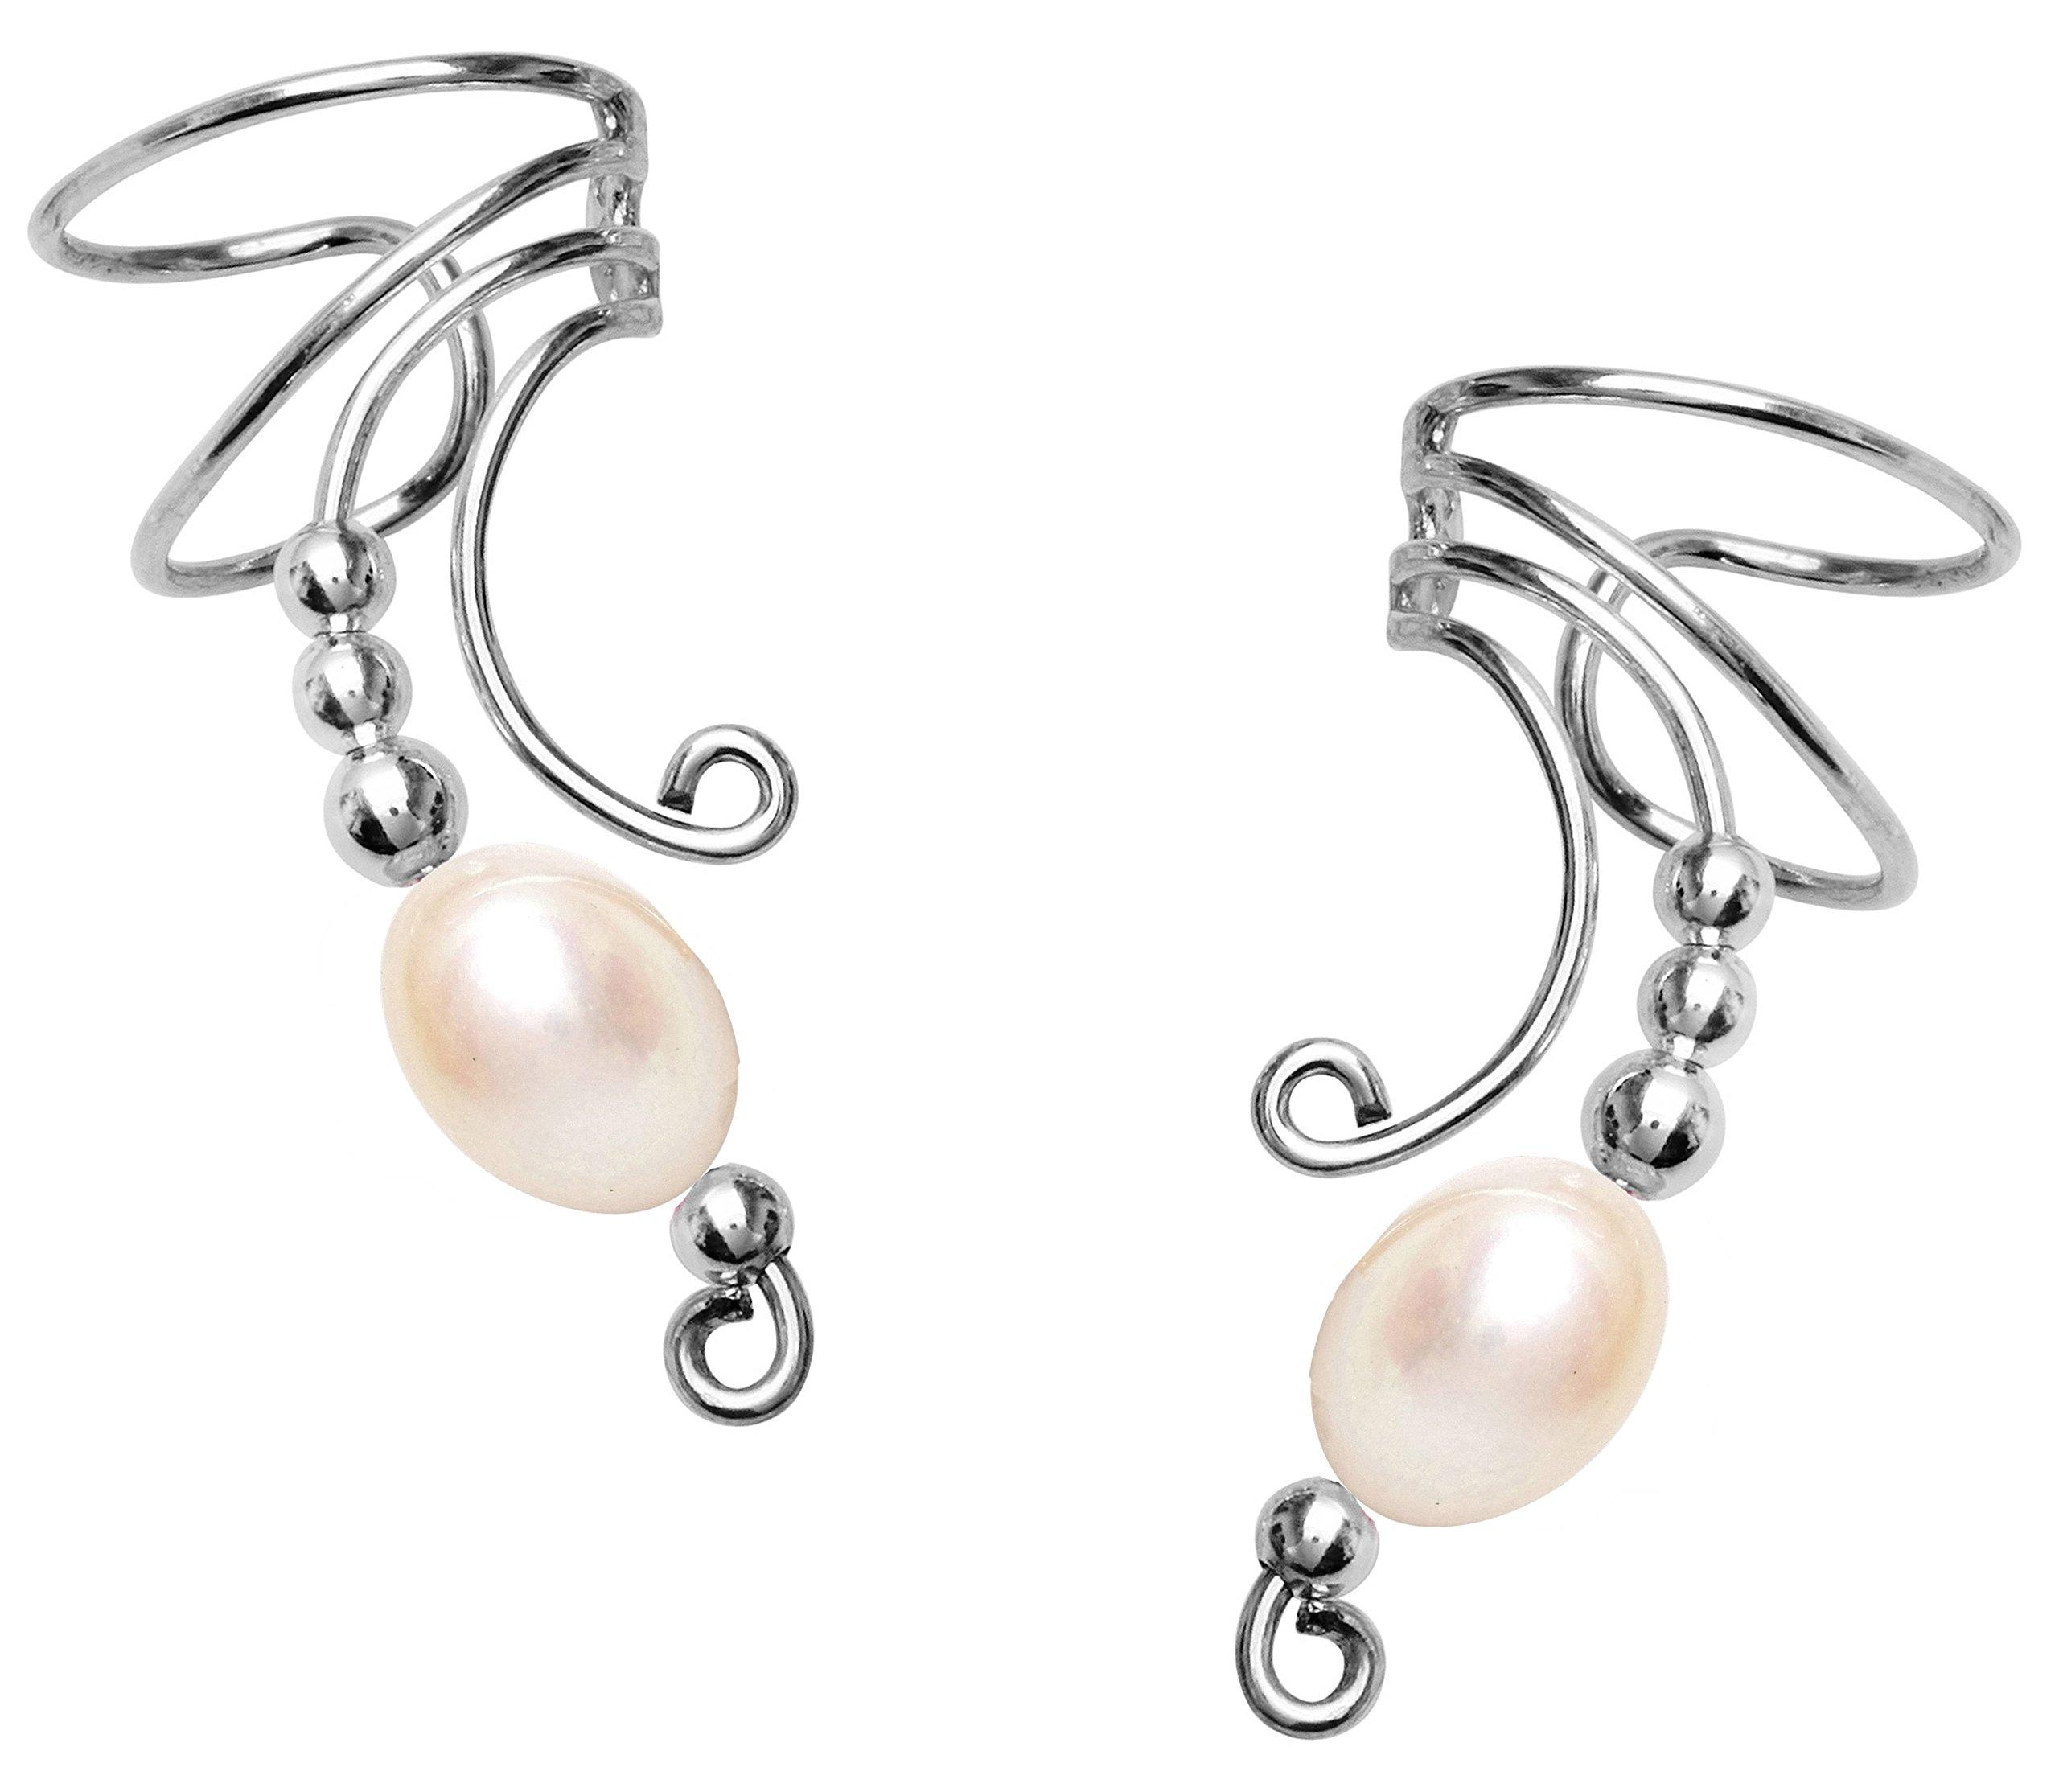 Ear Cuff White Freshwater Pearl Beaded Non-pierced Sterling Silver Long Wave Ear Cuff Earring Wraps